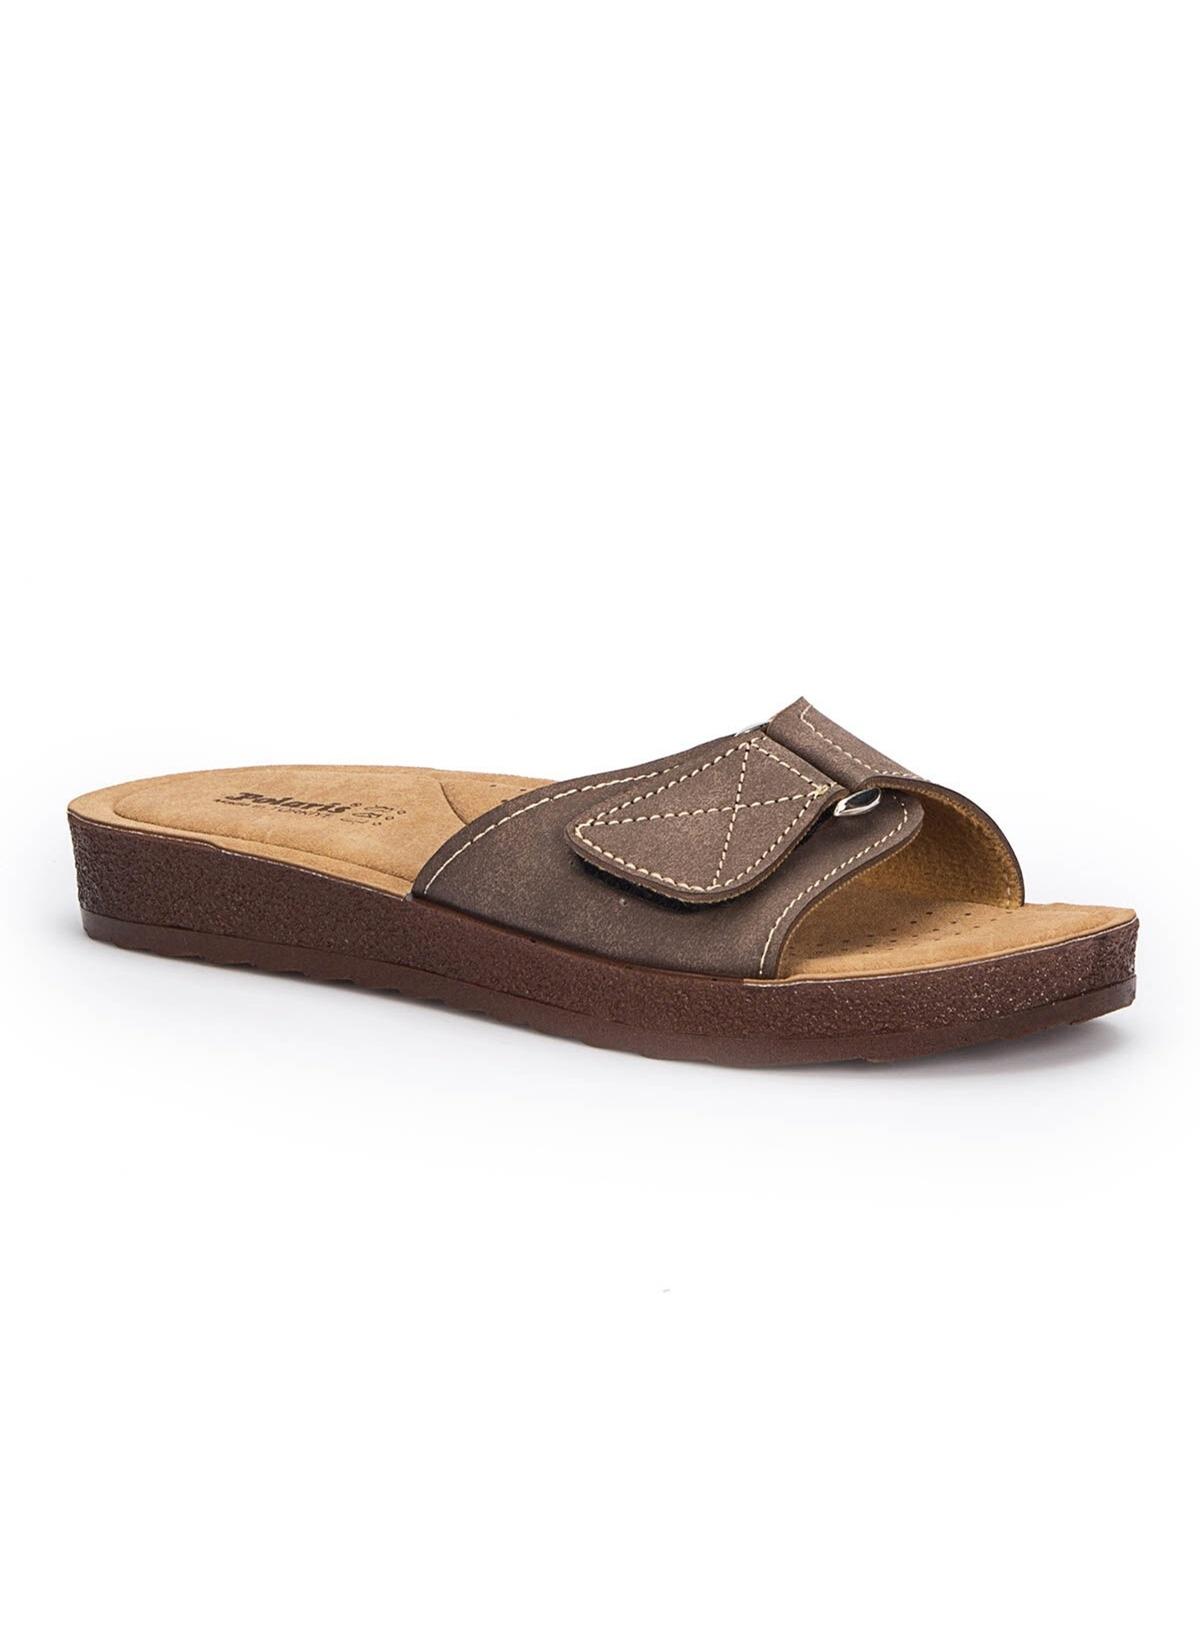 Polaris Ayakkabı 000000100239057005 Basic Comfort – 24.99 TL